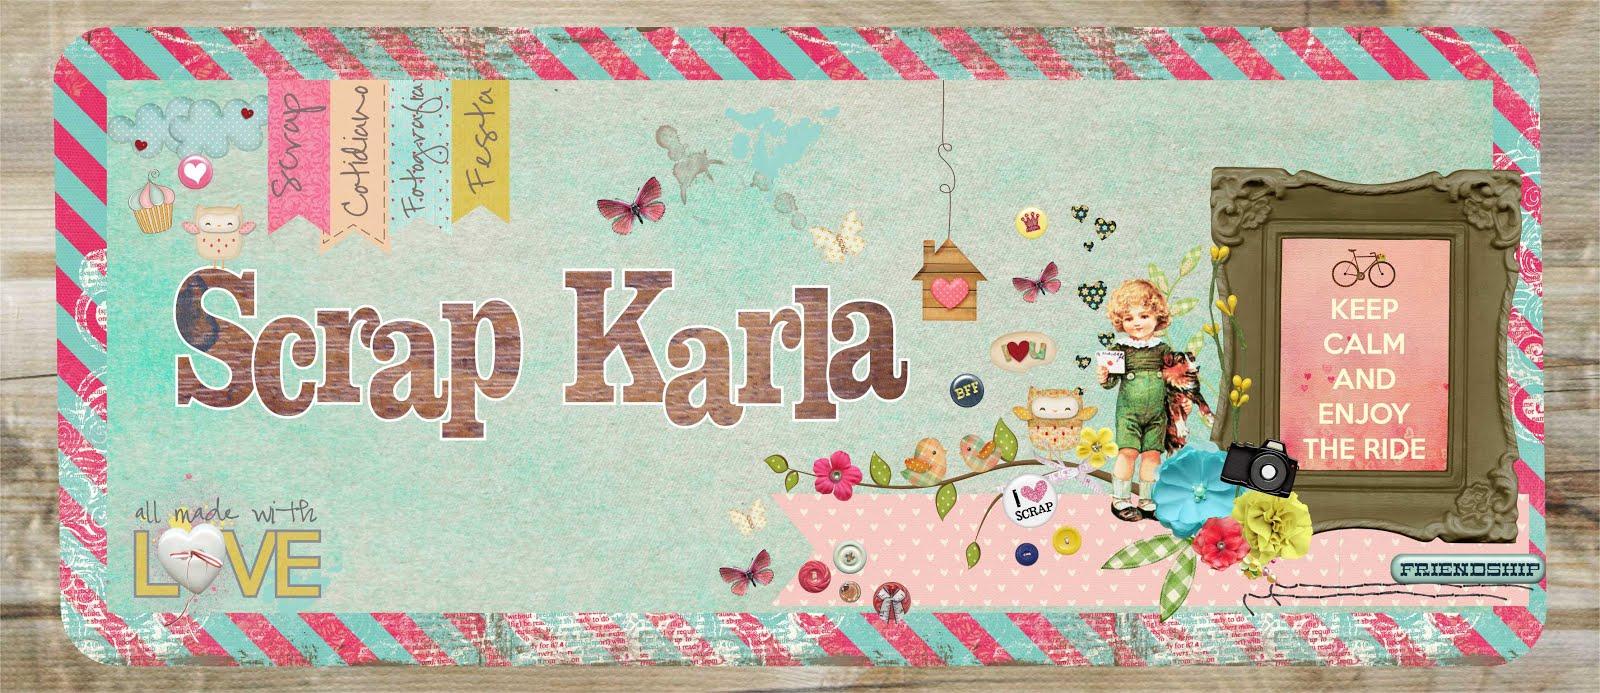 Scrap Karla